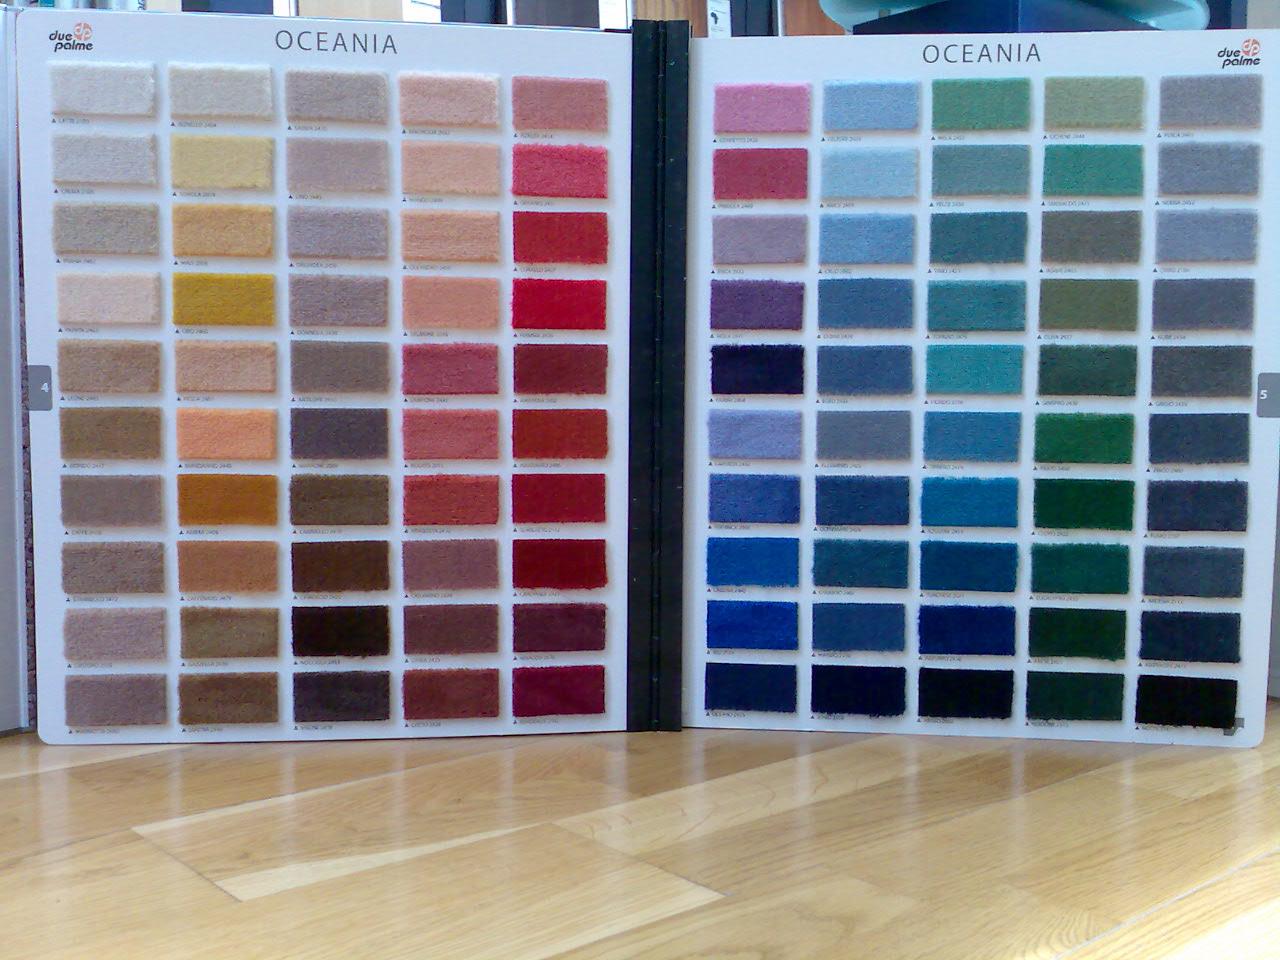 Sit in due palme moquette e tappeti in lana e velluto - Dipingere camera da letto due colori ...